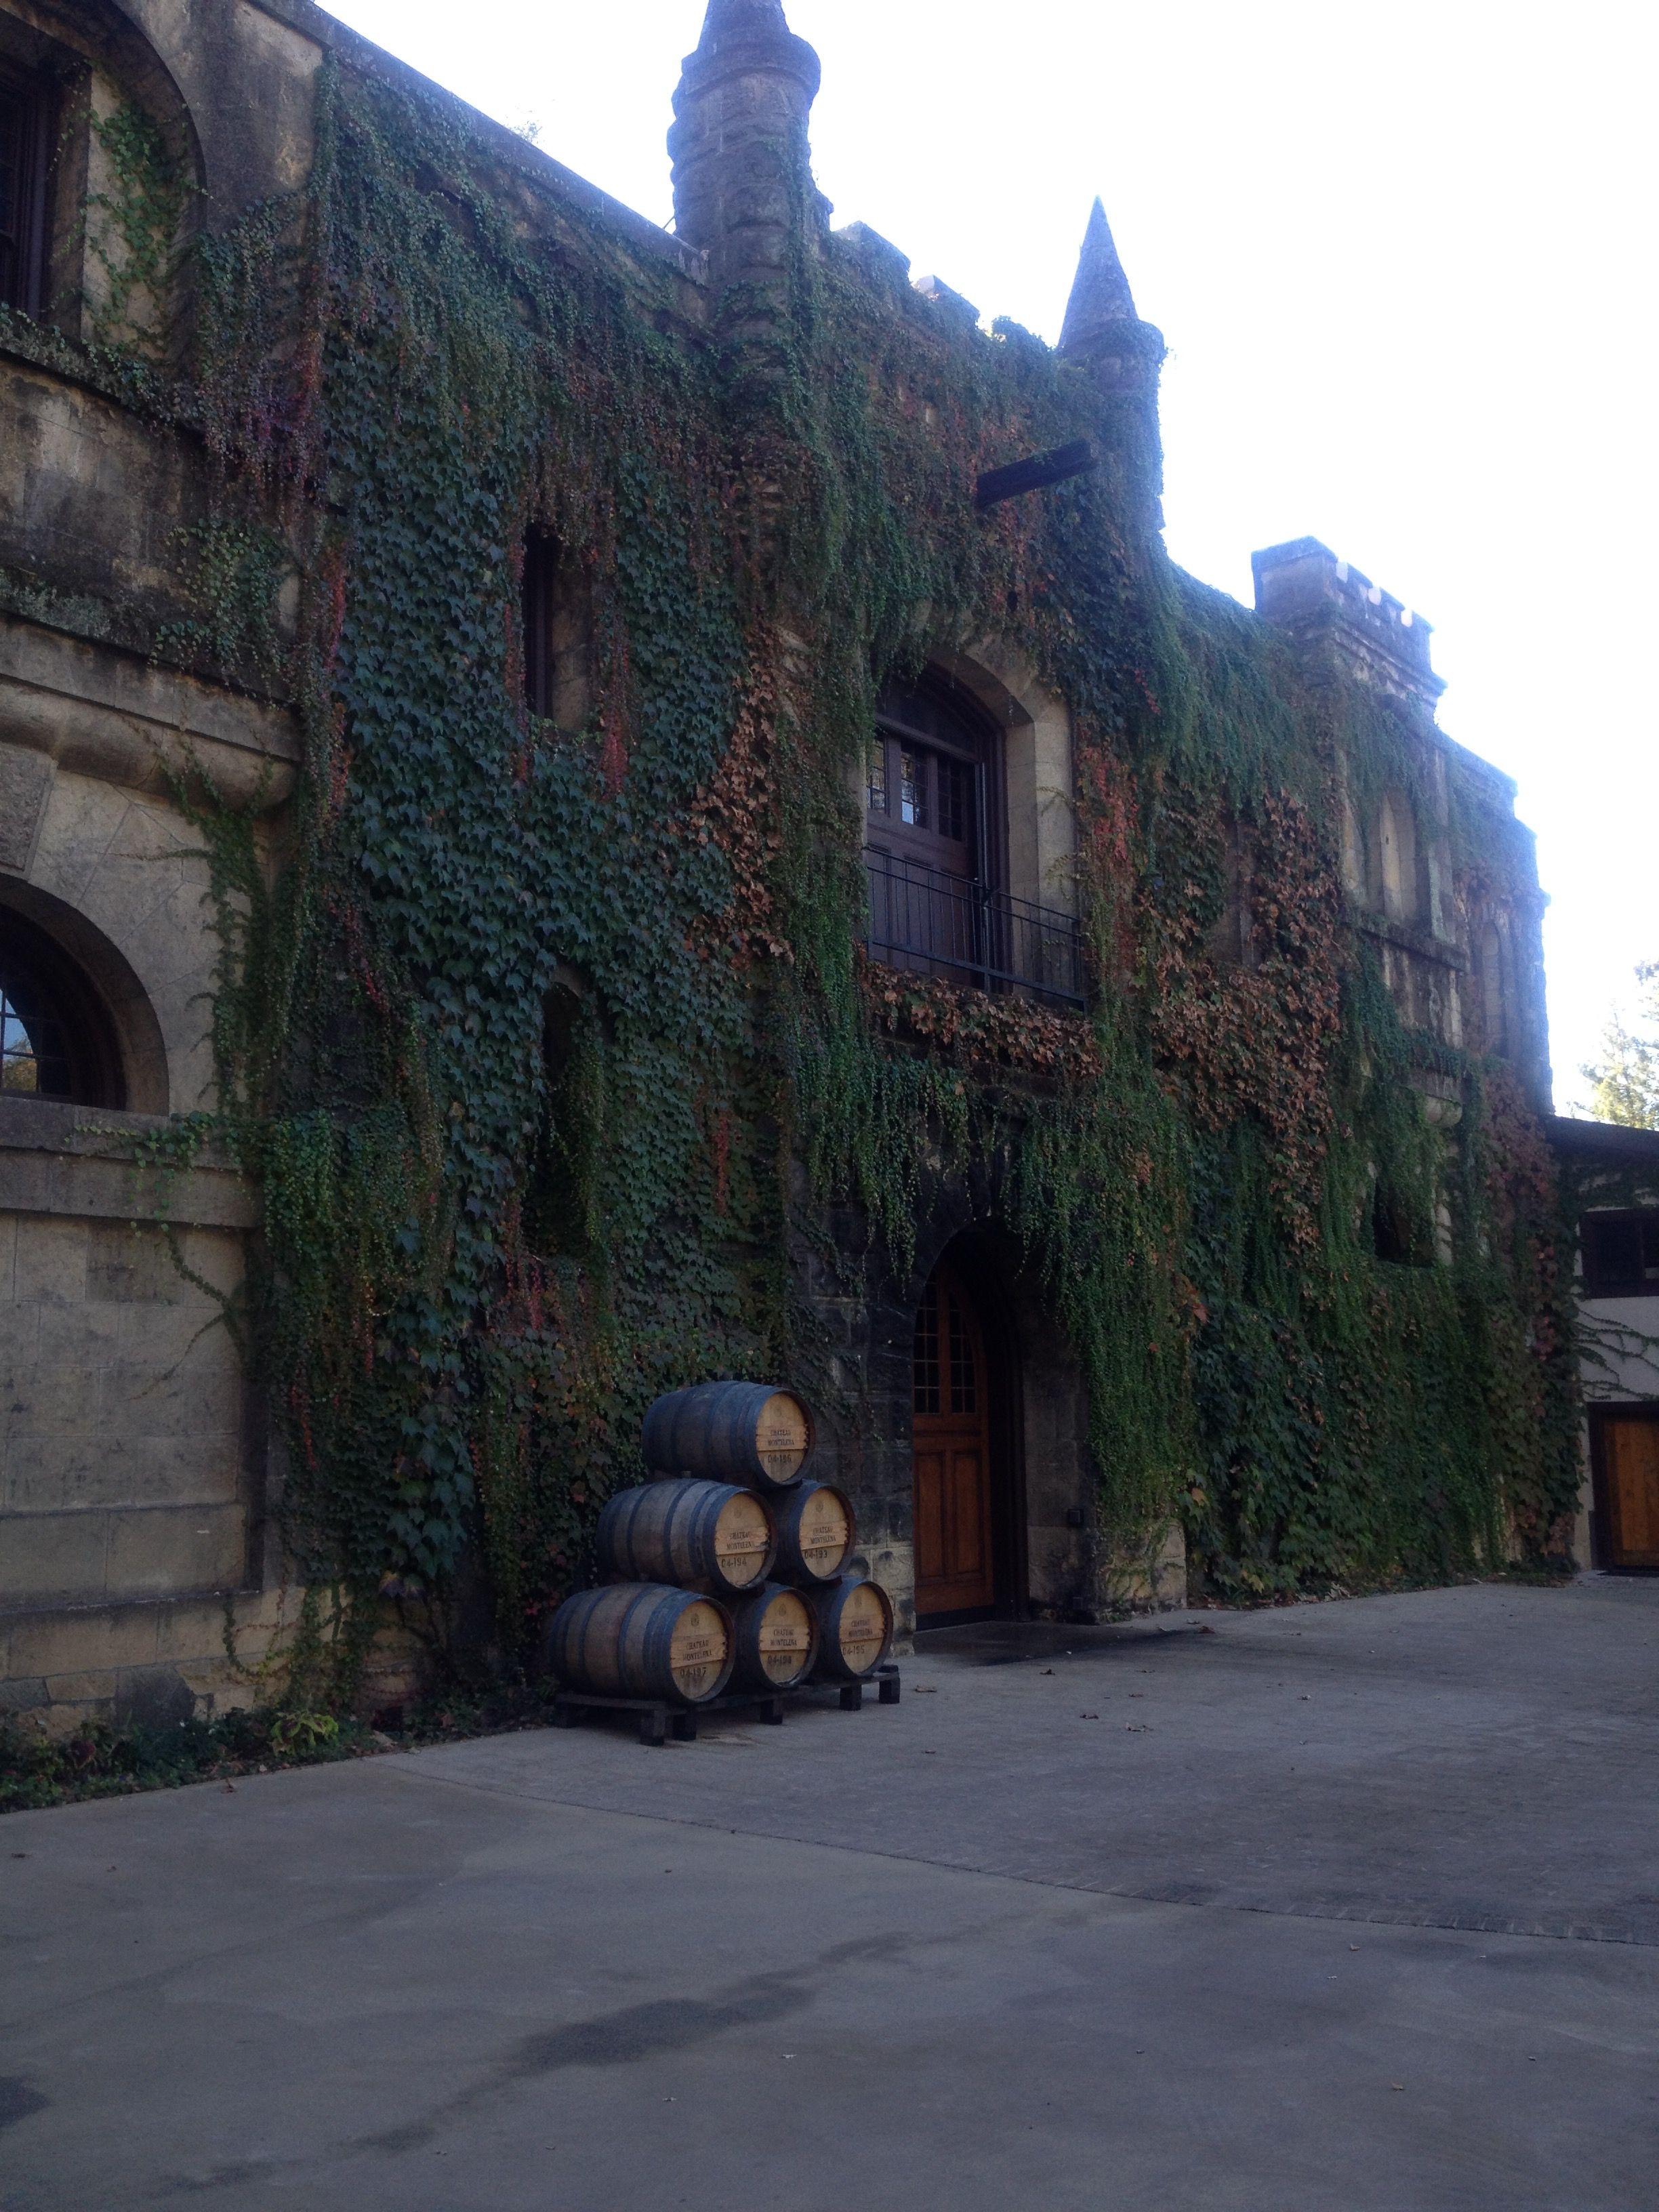 """Chateau Montelena Winery, """"BottleShock movie"""" location"""